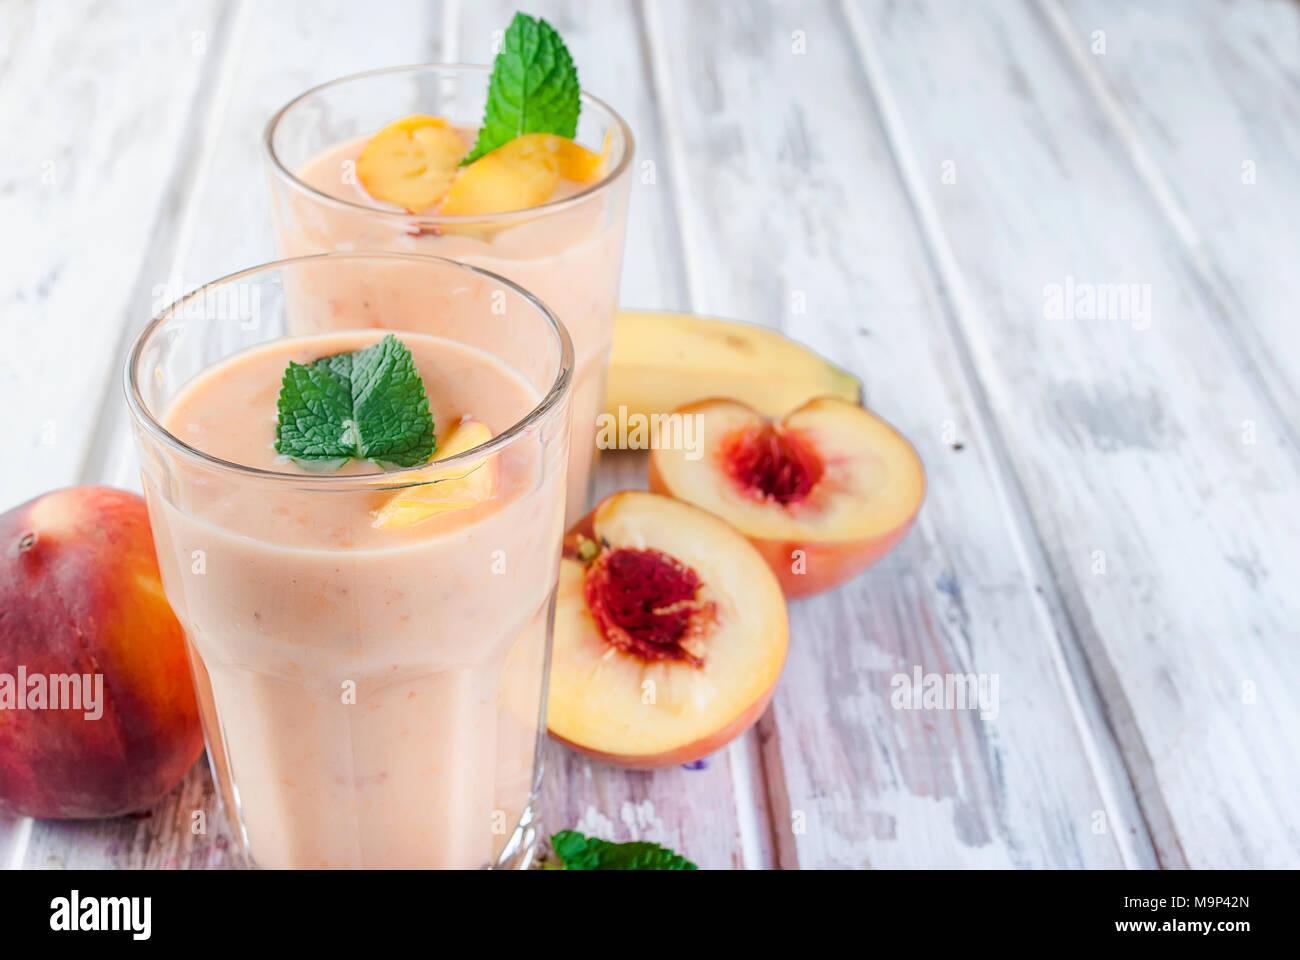 Erfrischende Sommer Smoothie oder Milchshake mit Aprikose, Pfirsich und Banane, Minze, Joghurt im Glas mit Zutaten, auf weißem Holz- Tabelle, Kopieren, oben Stockbild